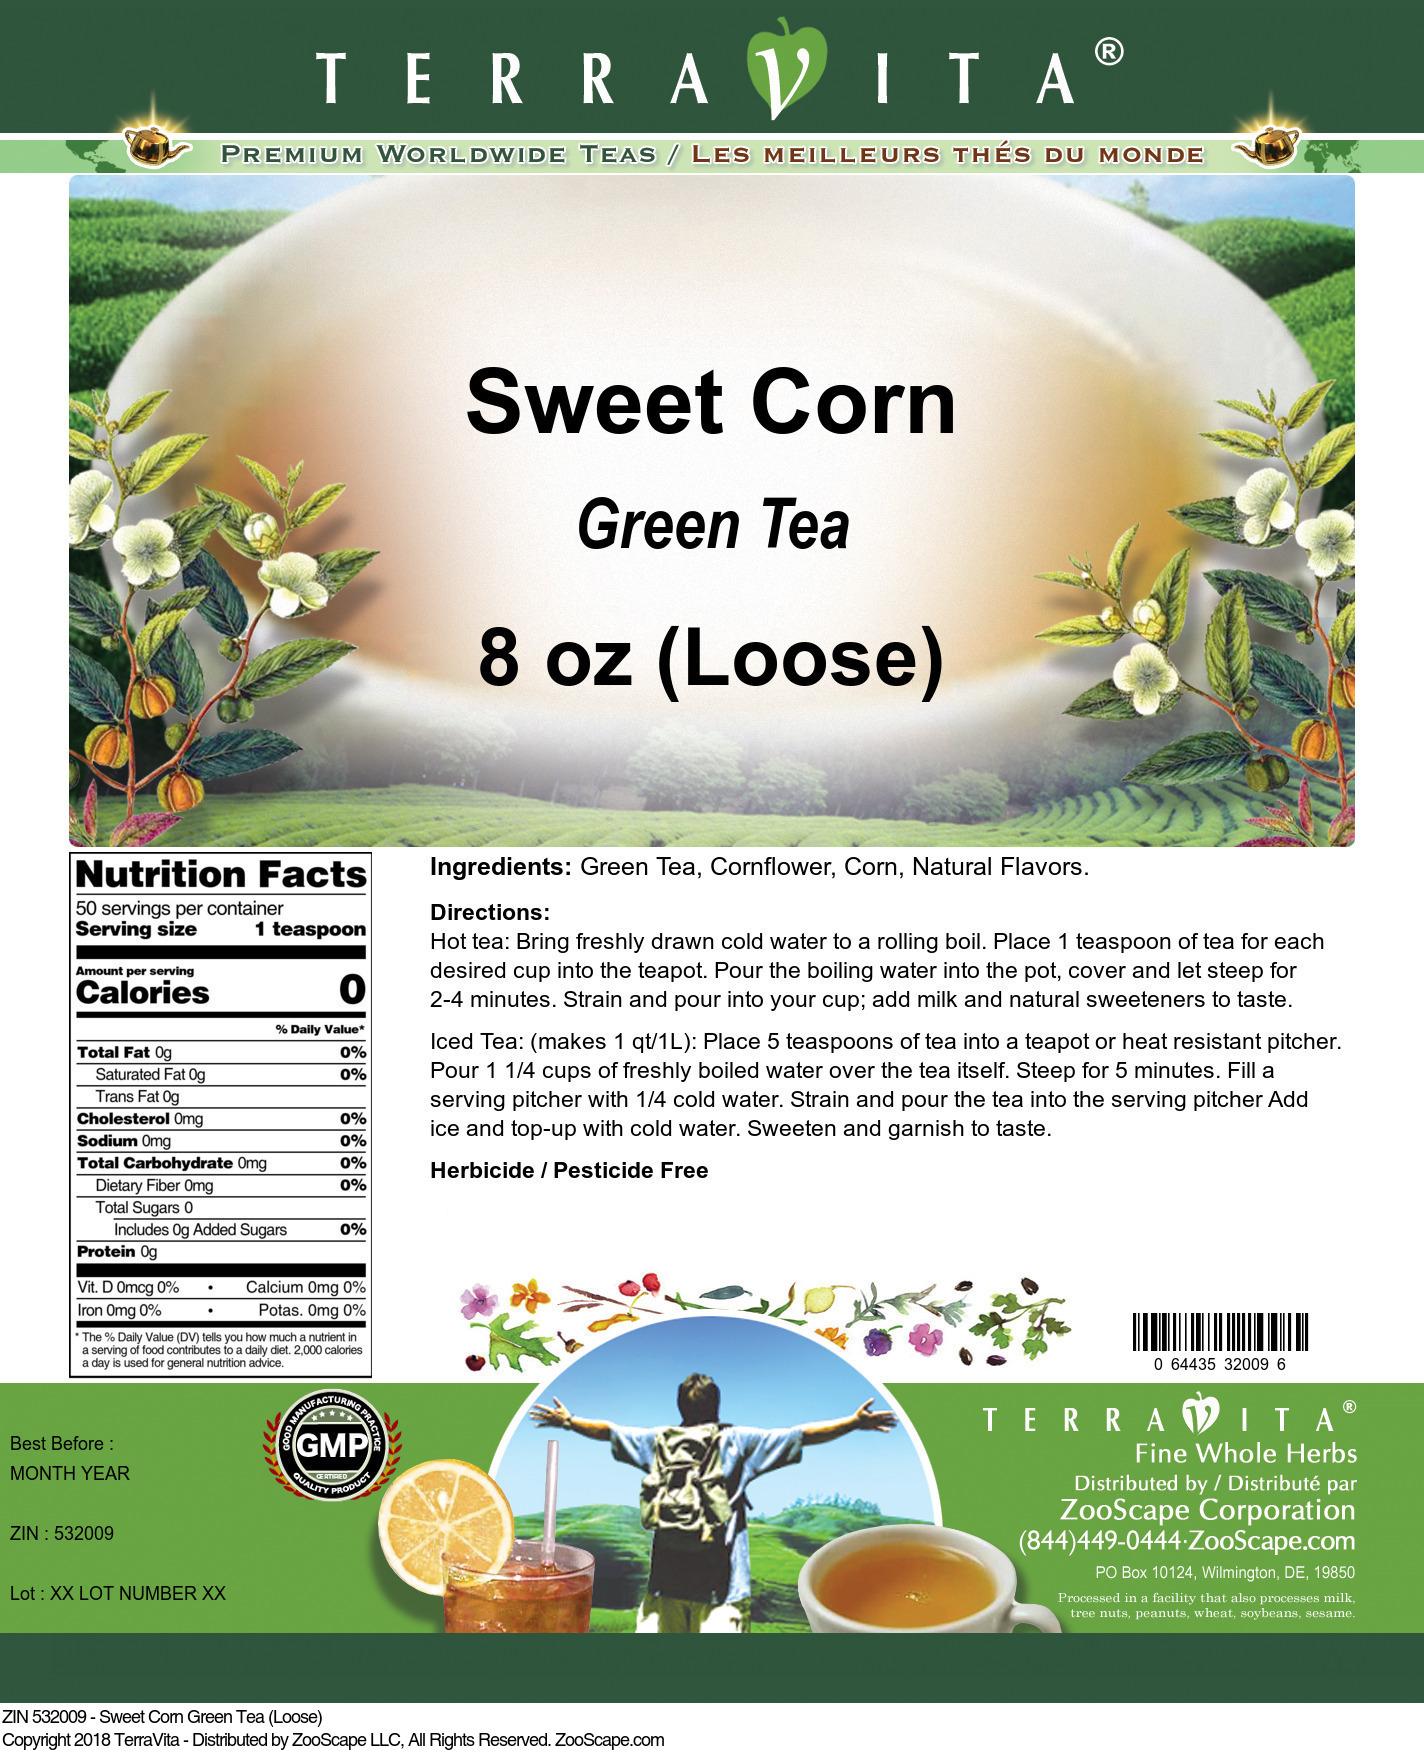 Sweet Corn Green Tea